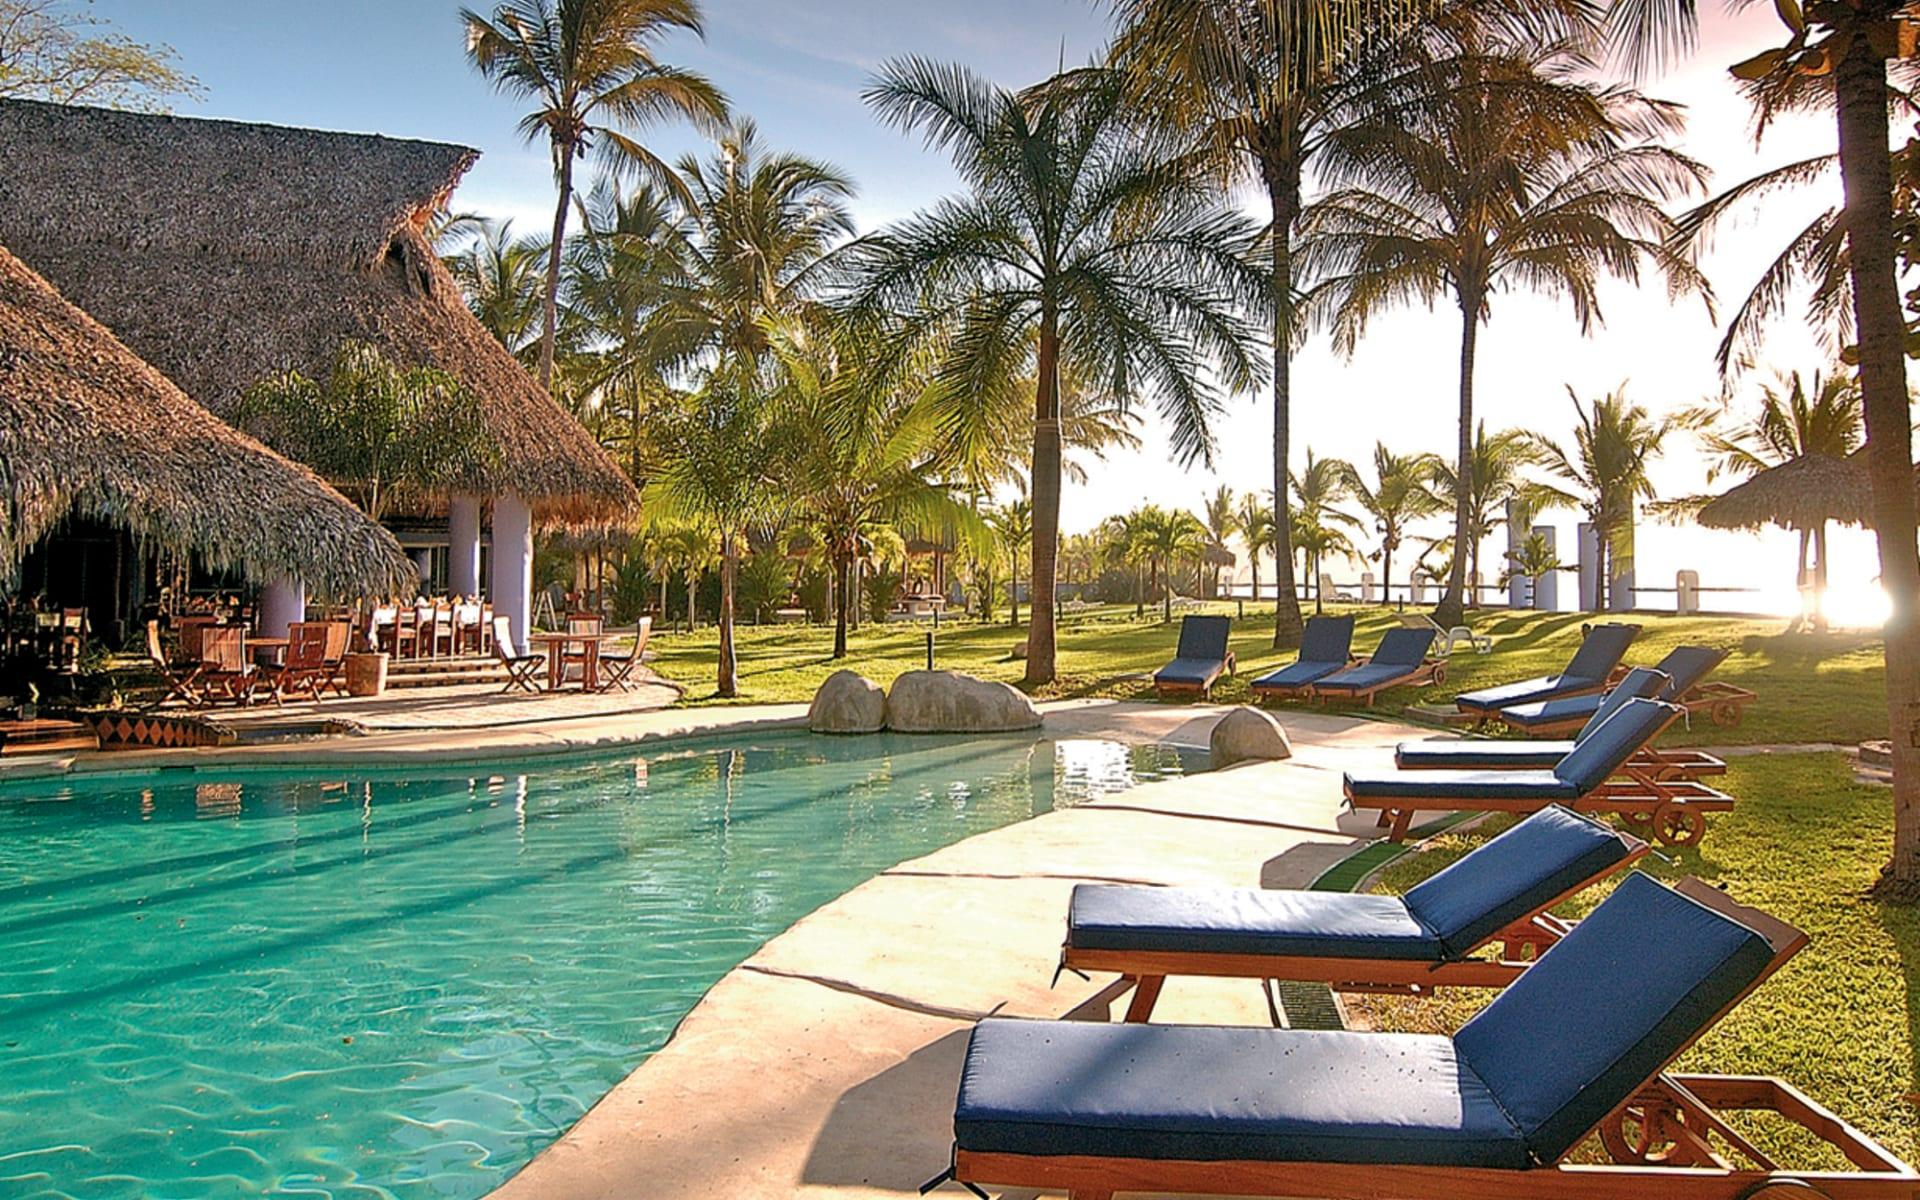 Bahia del Sol in Playa Potrero: pool bahia del sol liegestühle